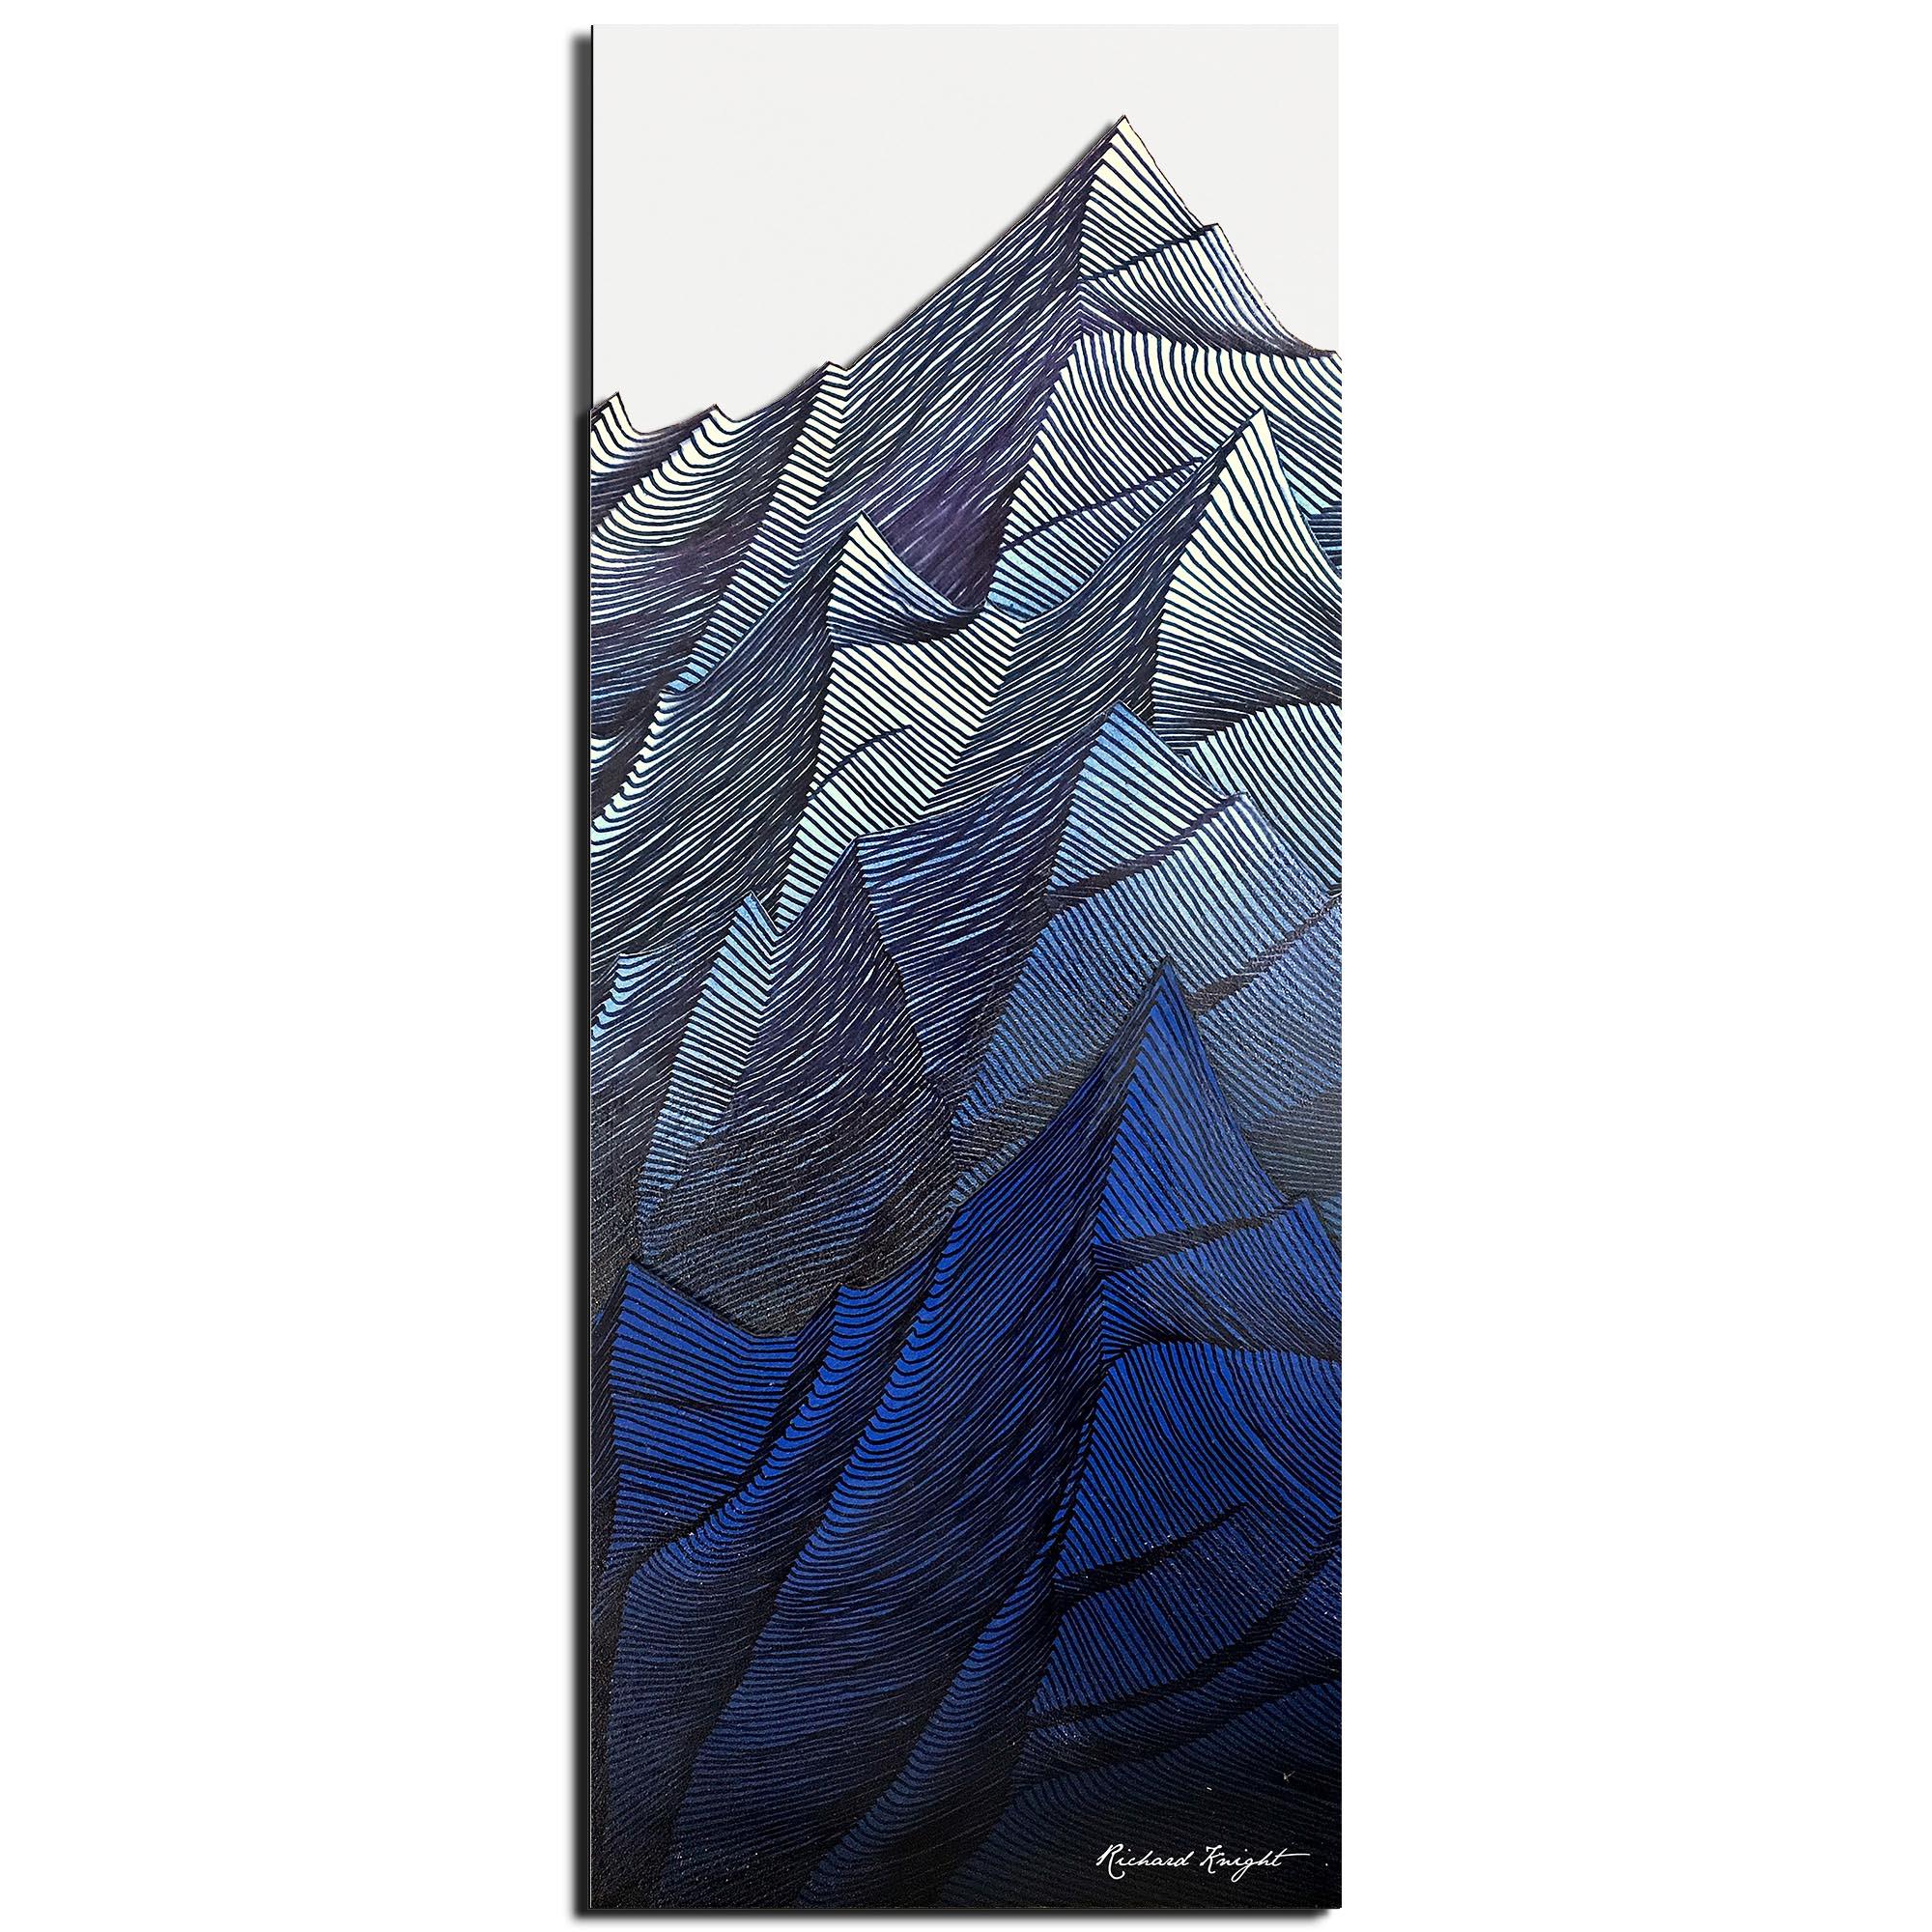 Richard Knight 'Frozen Peaks' 19in x 48in Abstract Landscape Art on Polymetal